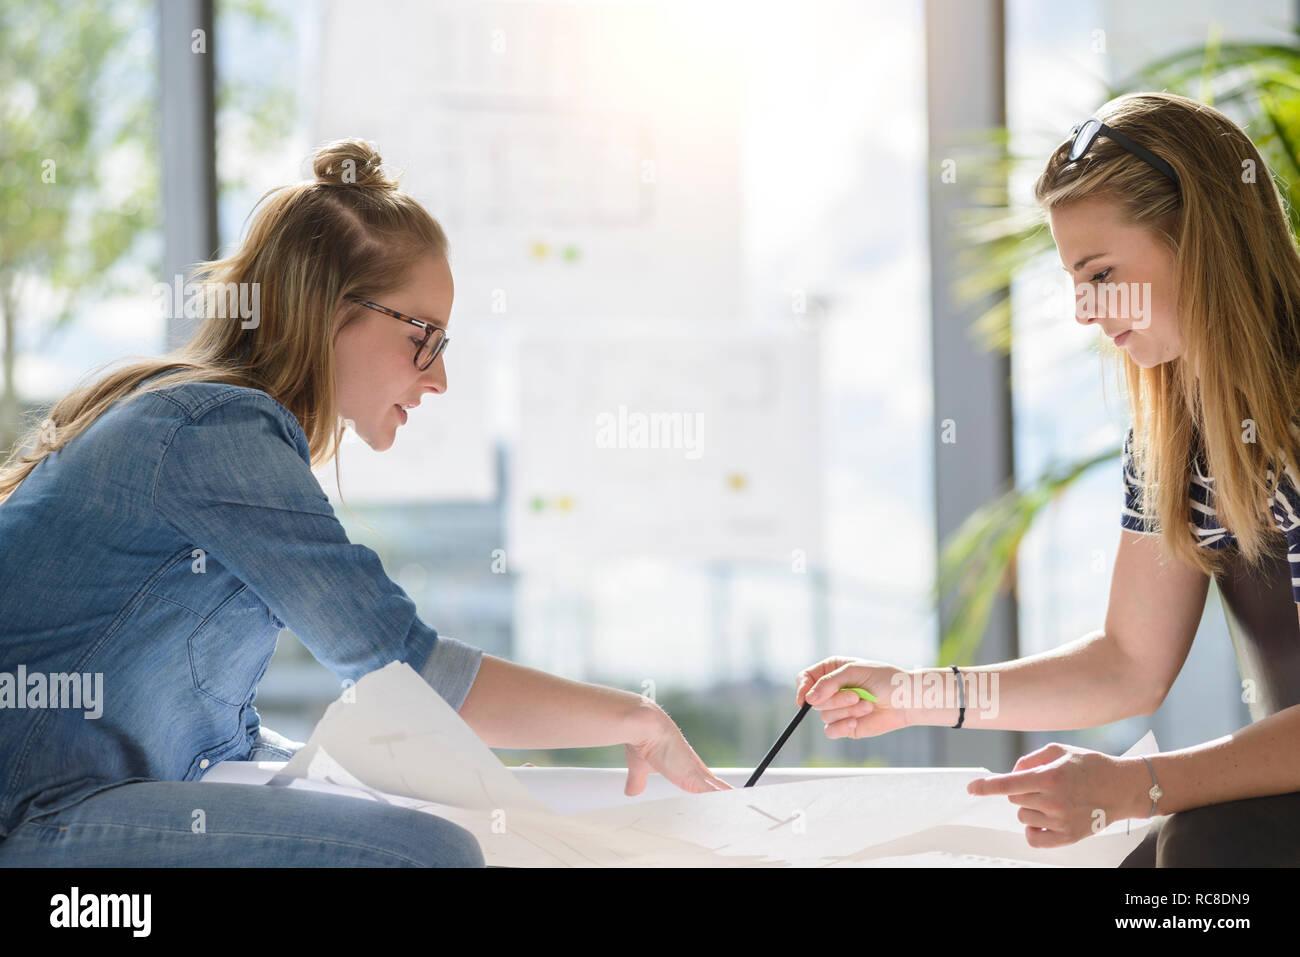 Los colegas de ideas a través de gráficos en la brillante luz del sol Foto de stock